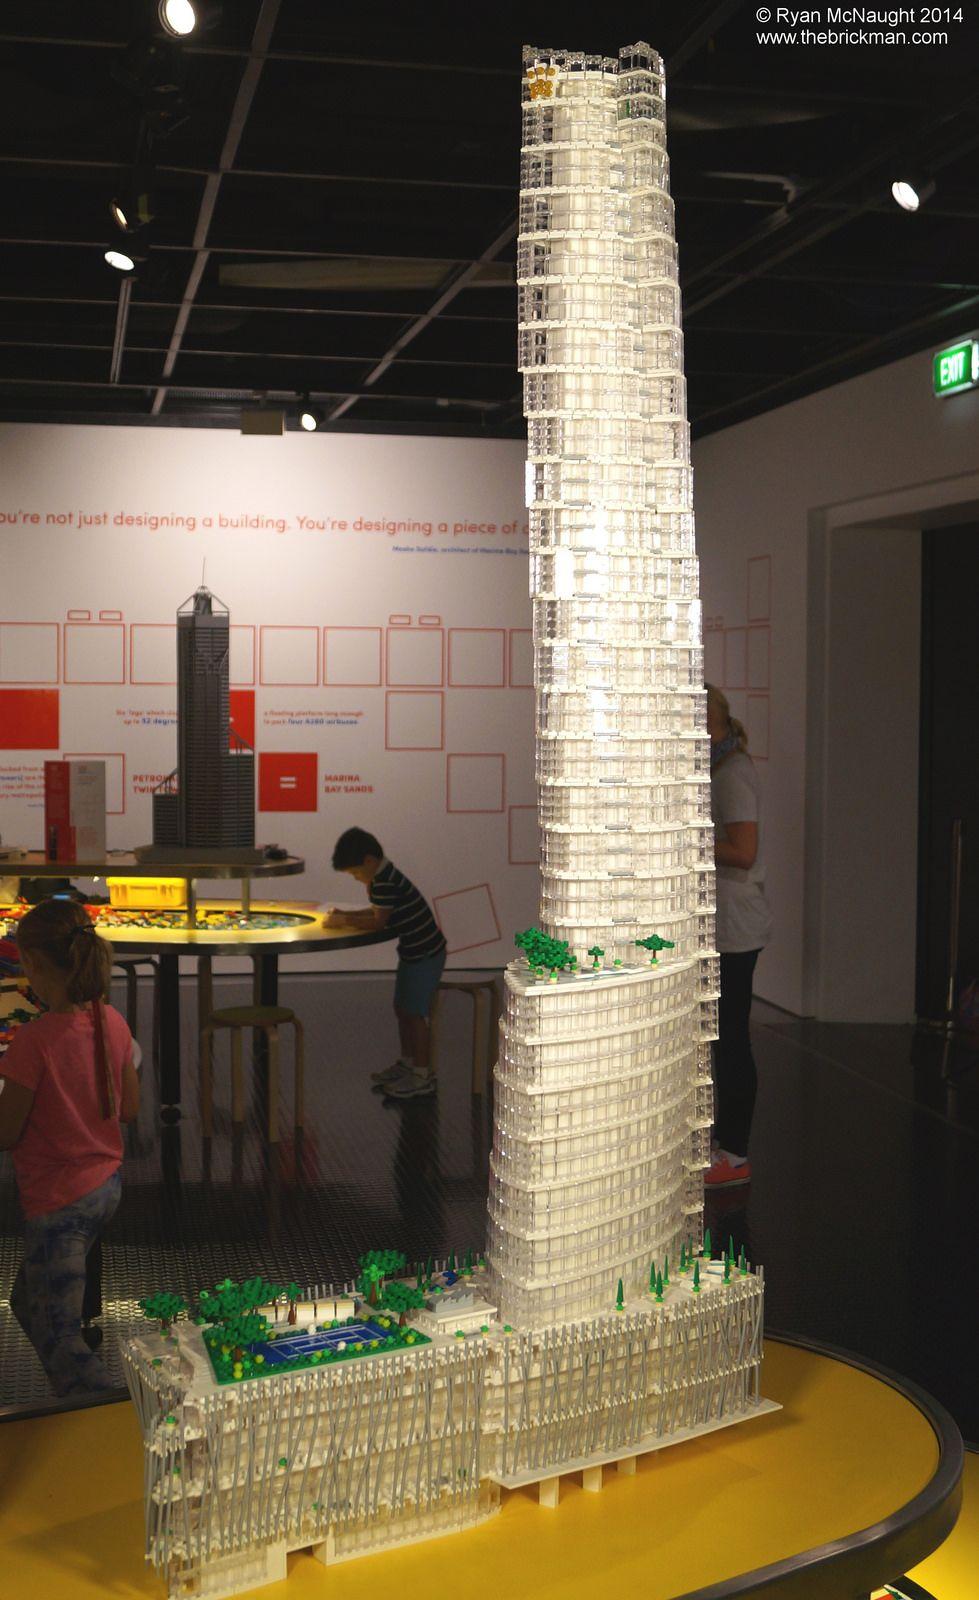 Barangaroo Lego architecture, Lego art, Lego models